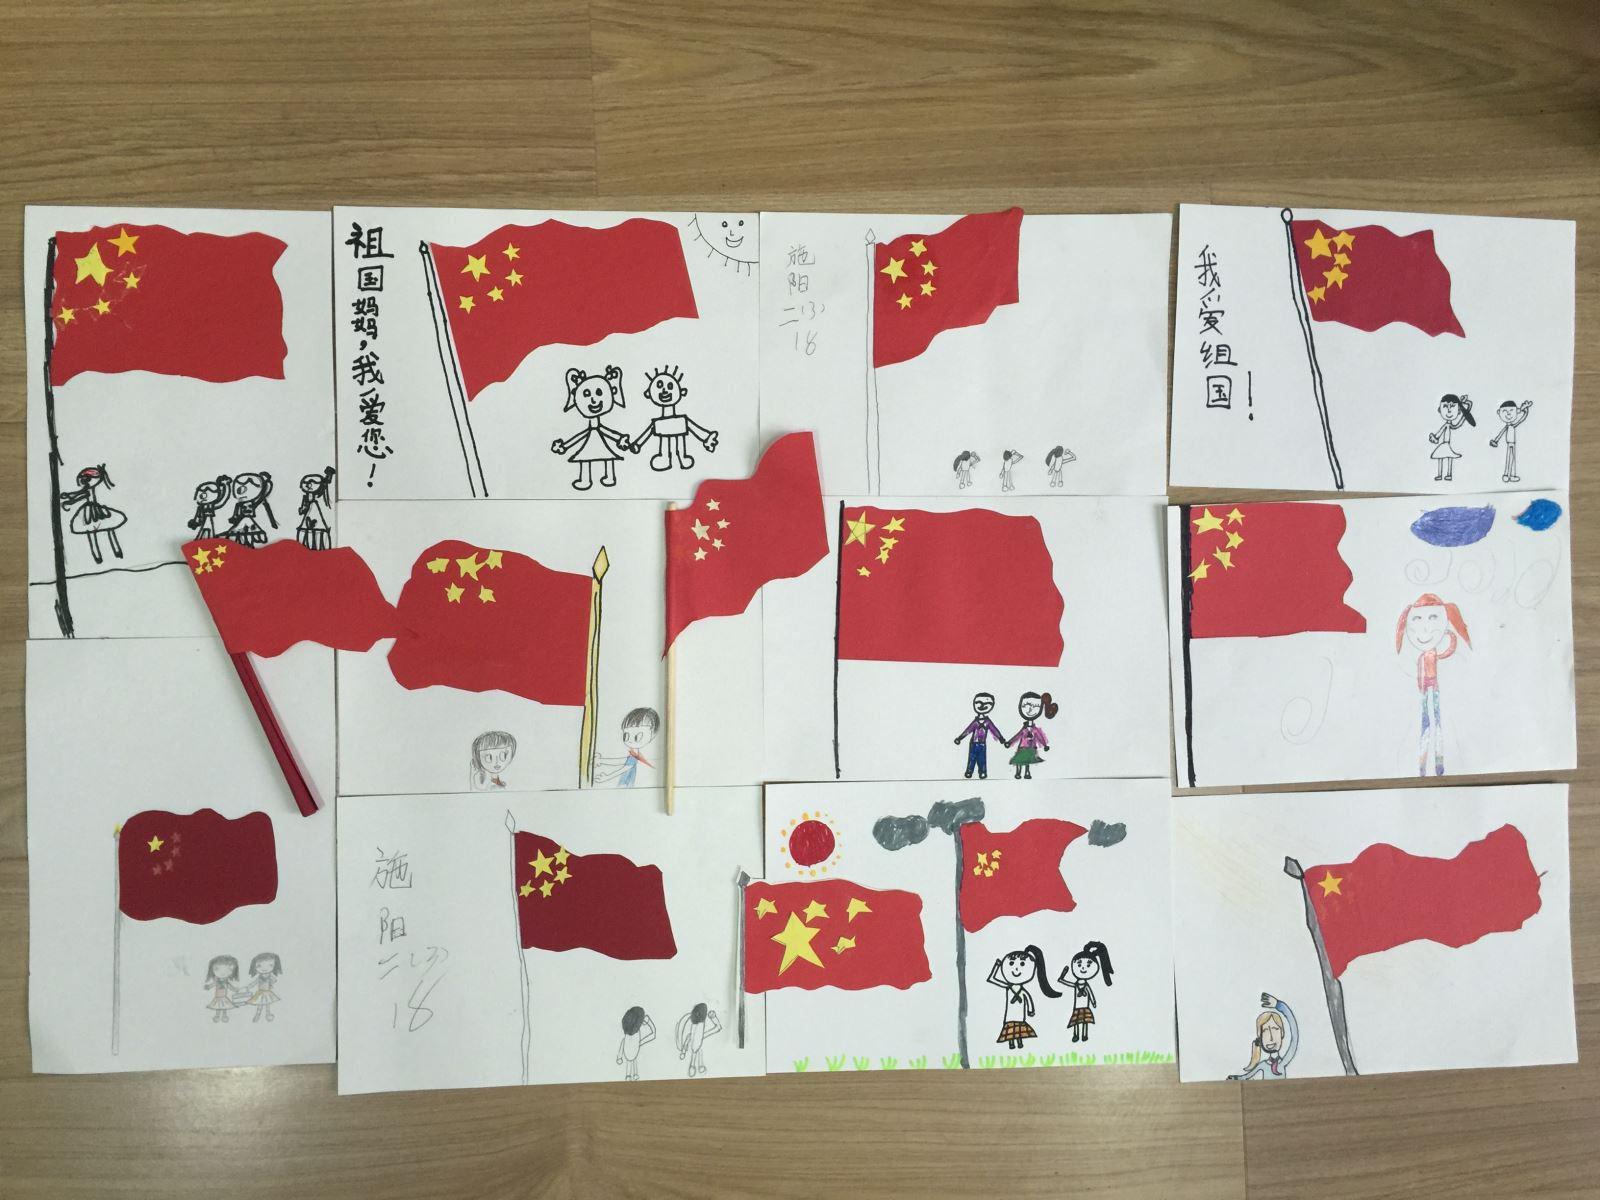 我的中国梦 向国旗敬礼     以欢度国庆佳节,喜迎党的十九大为主题